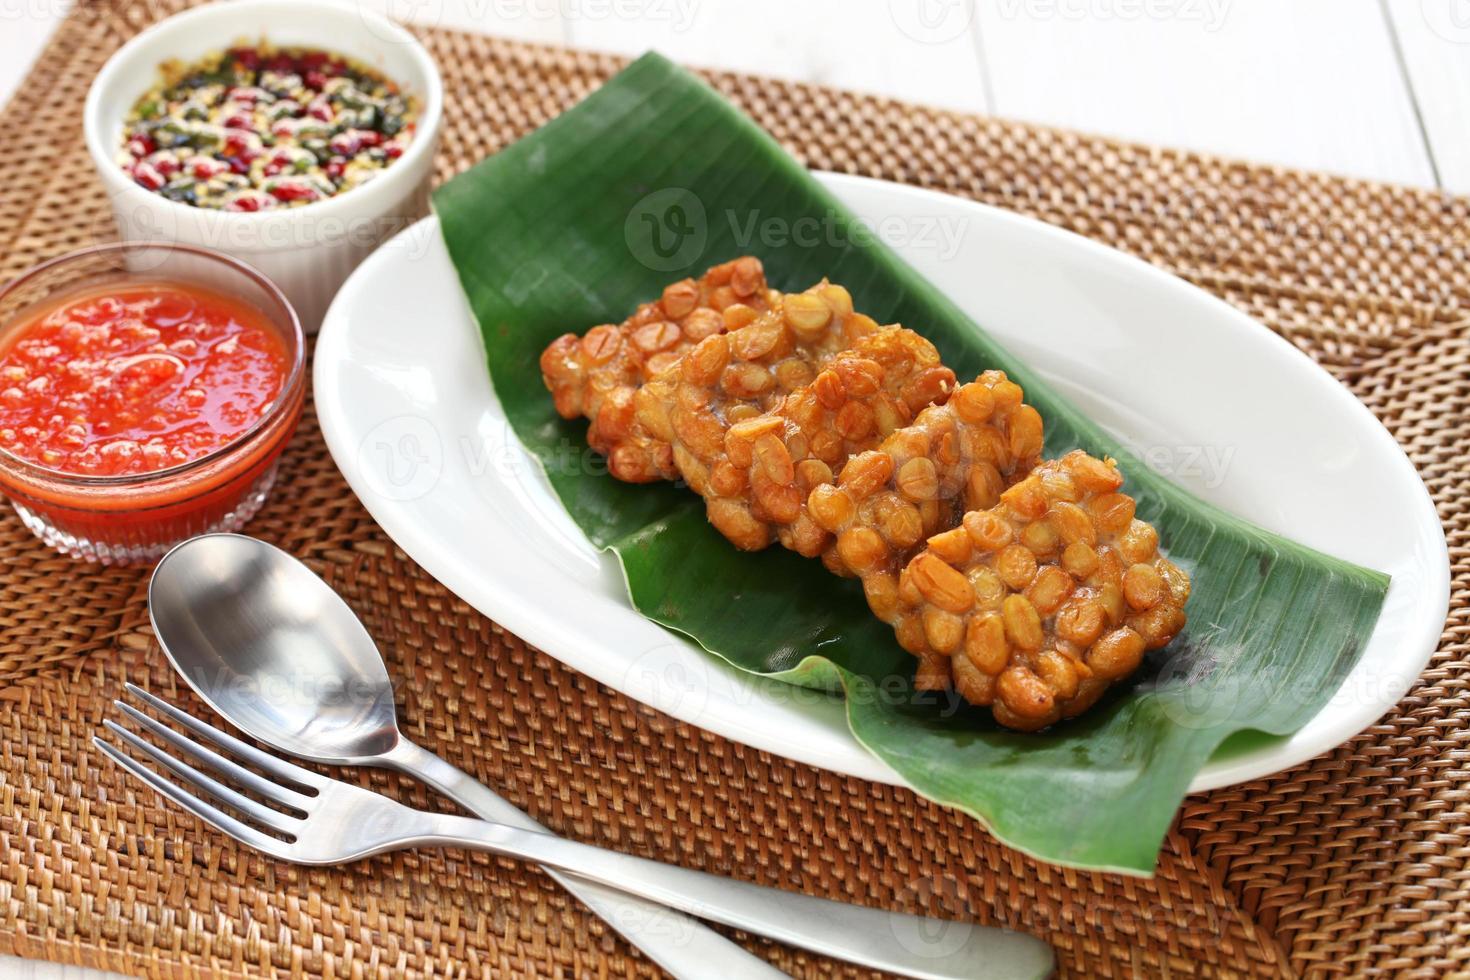 tempe goreng, tempeh frit, nourriture végétarienne indonésienne photo